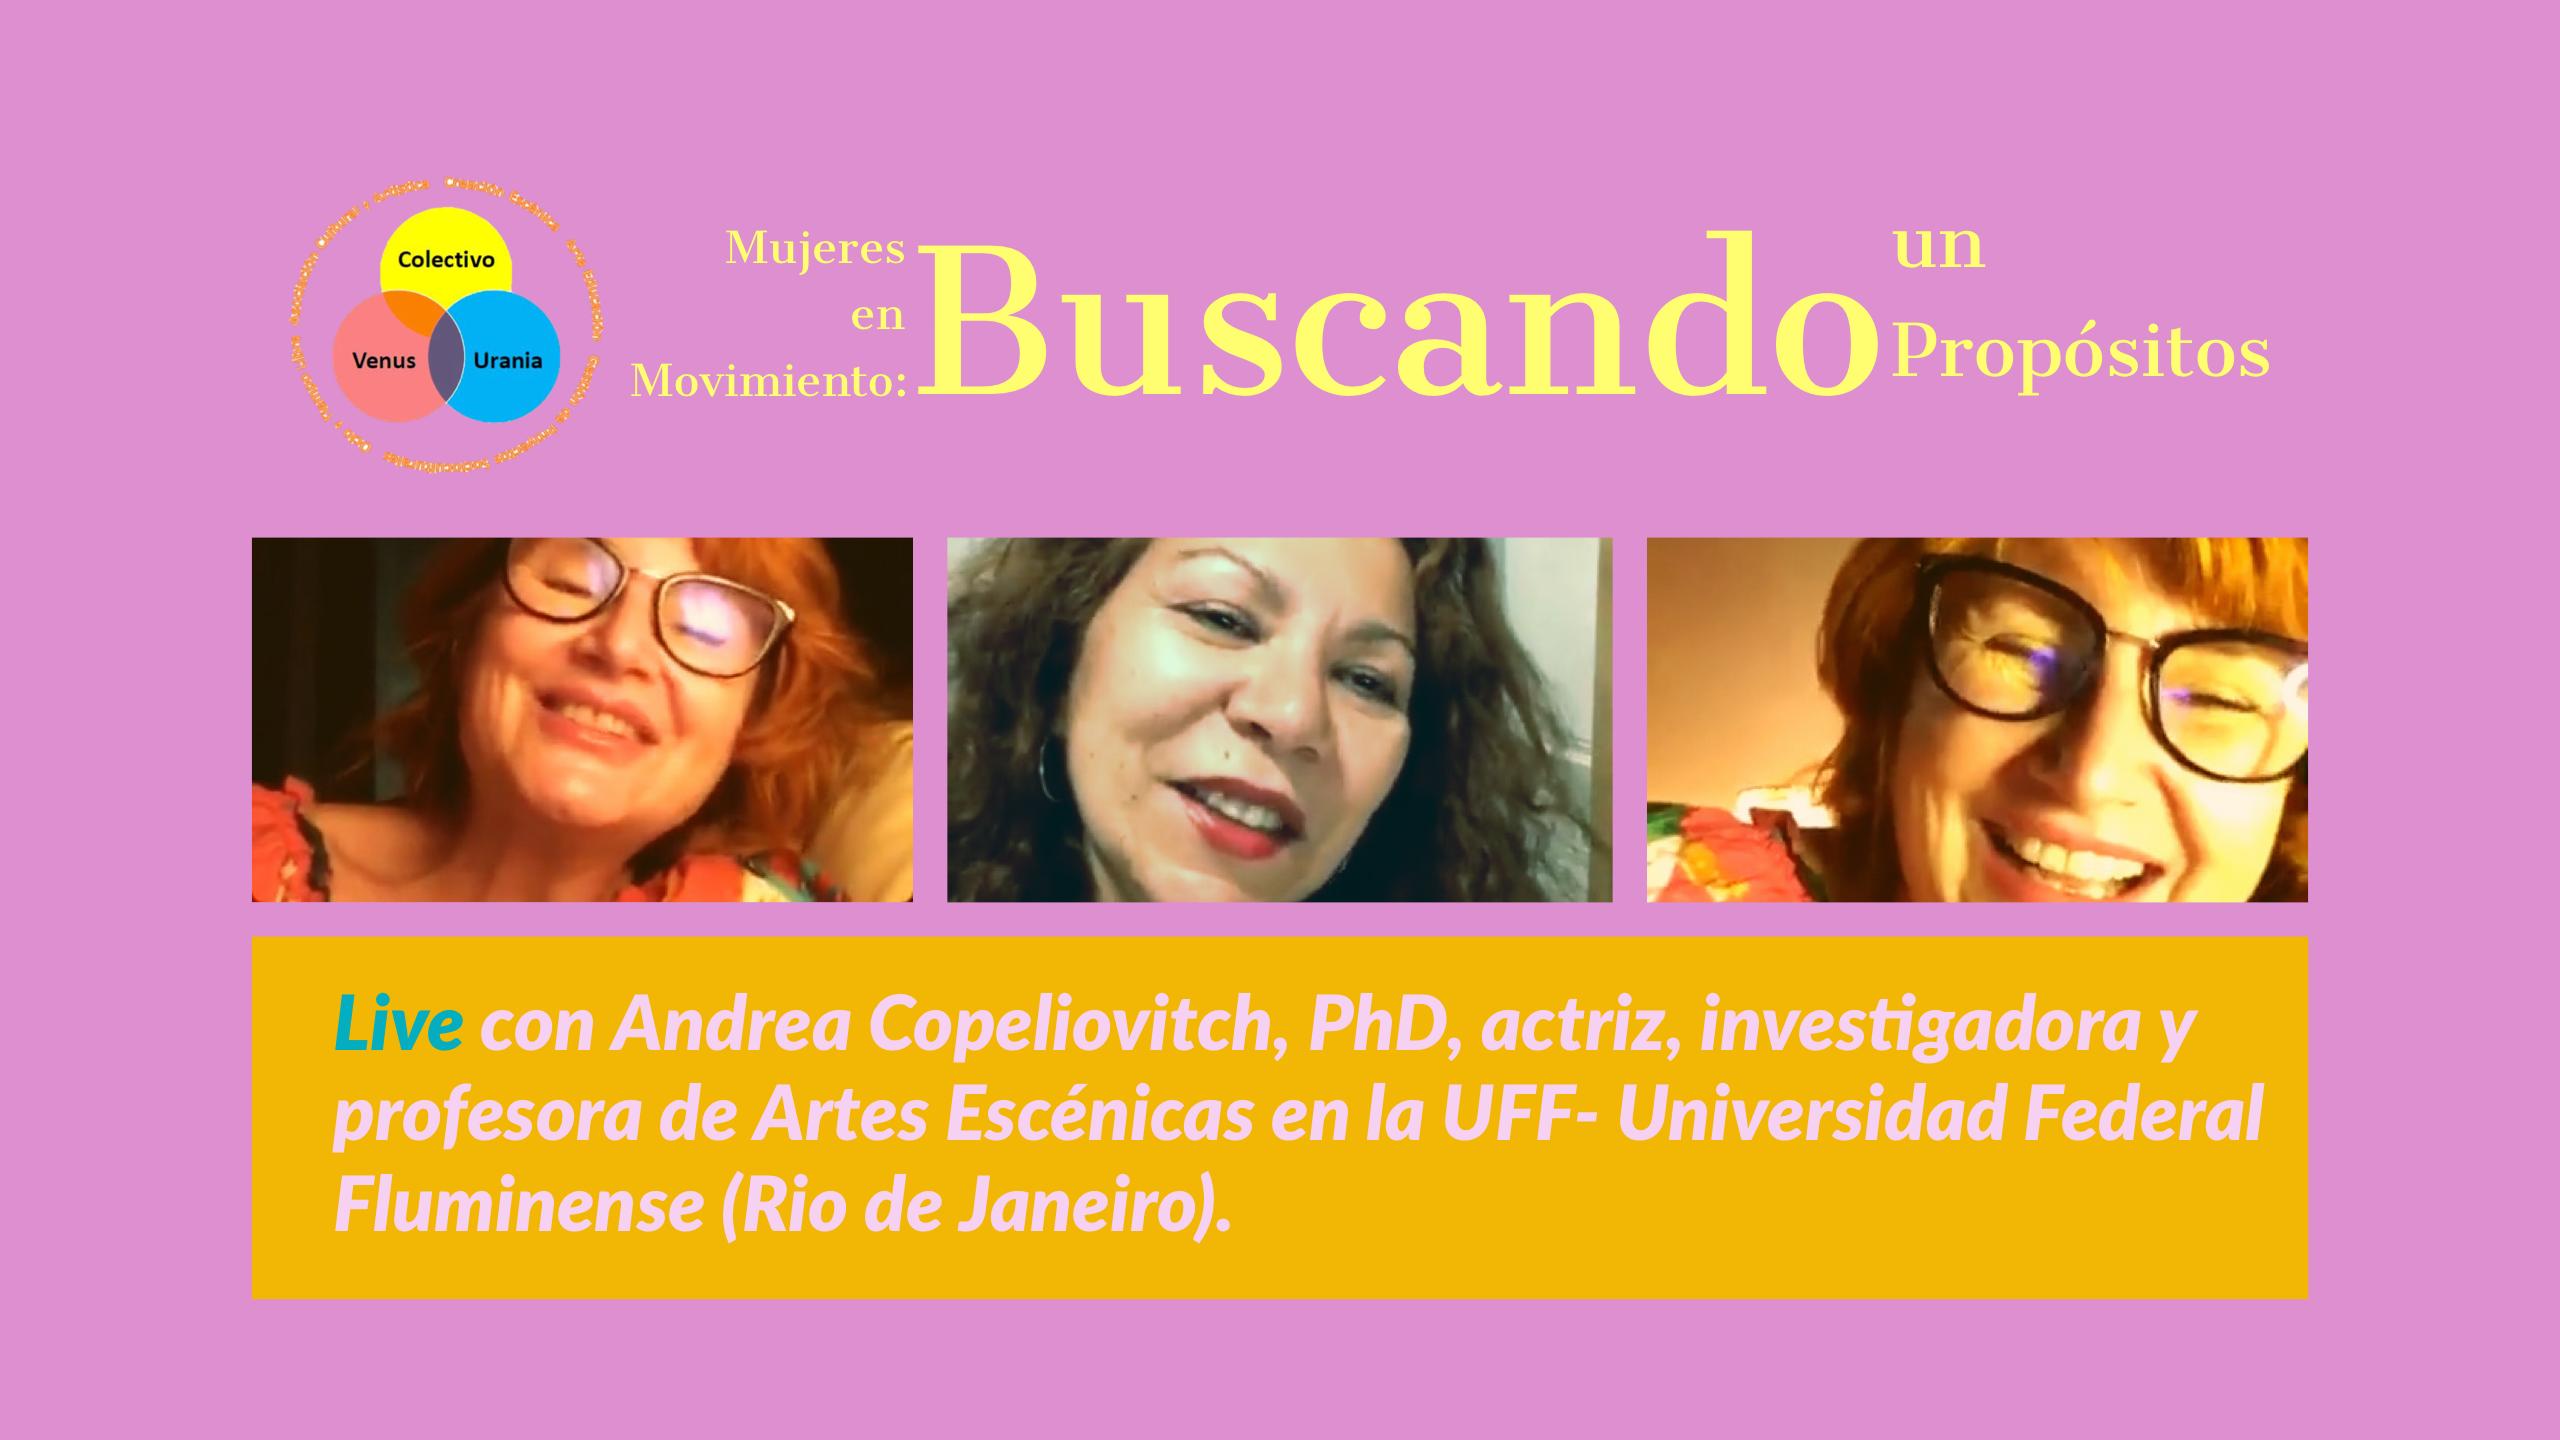 Colectivo Venus Urania_Mujeres en Movimiento_Beth Firmino y Andrea Copeliovitch